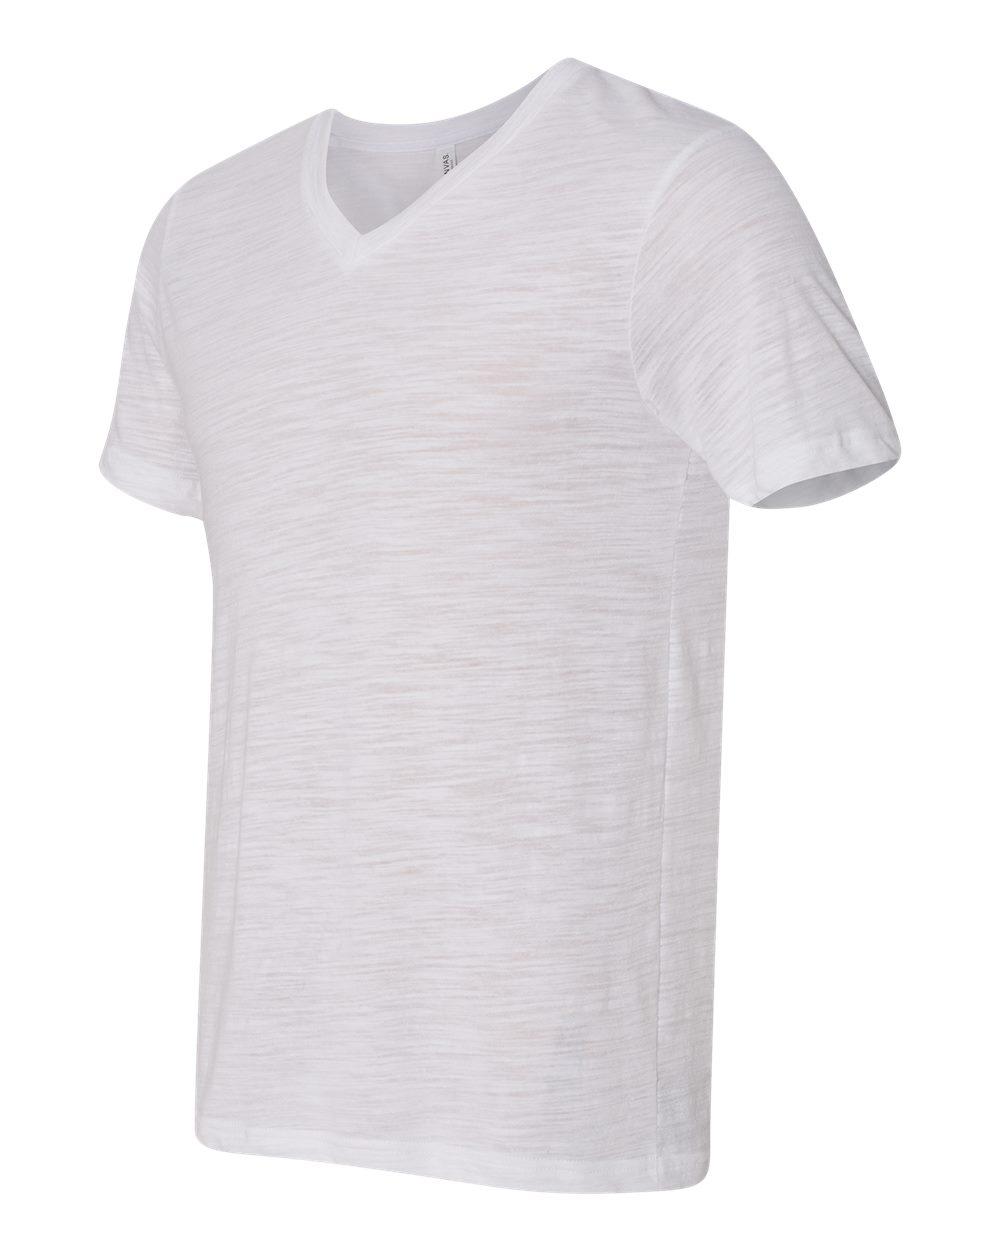 Bella-Canvas-Men-039-s-Jersey-Short-Sleeve-V-Neck-T-Shirt-3005-XS-3XL thumbnail 94